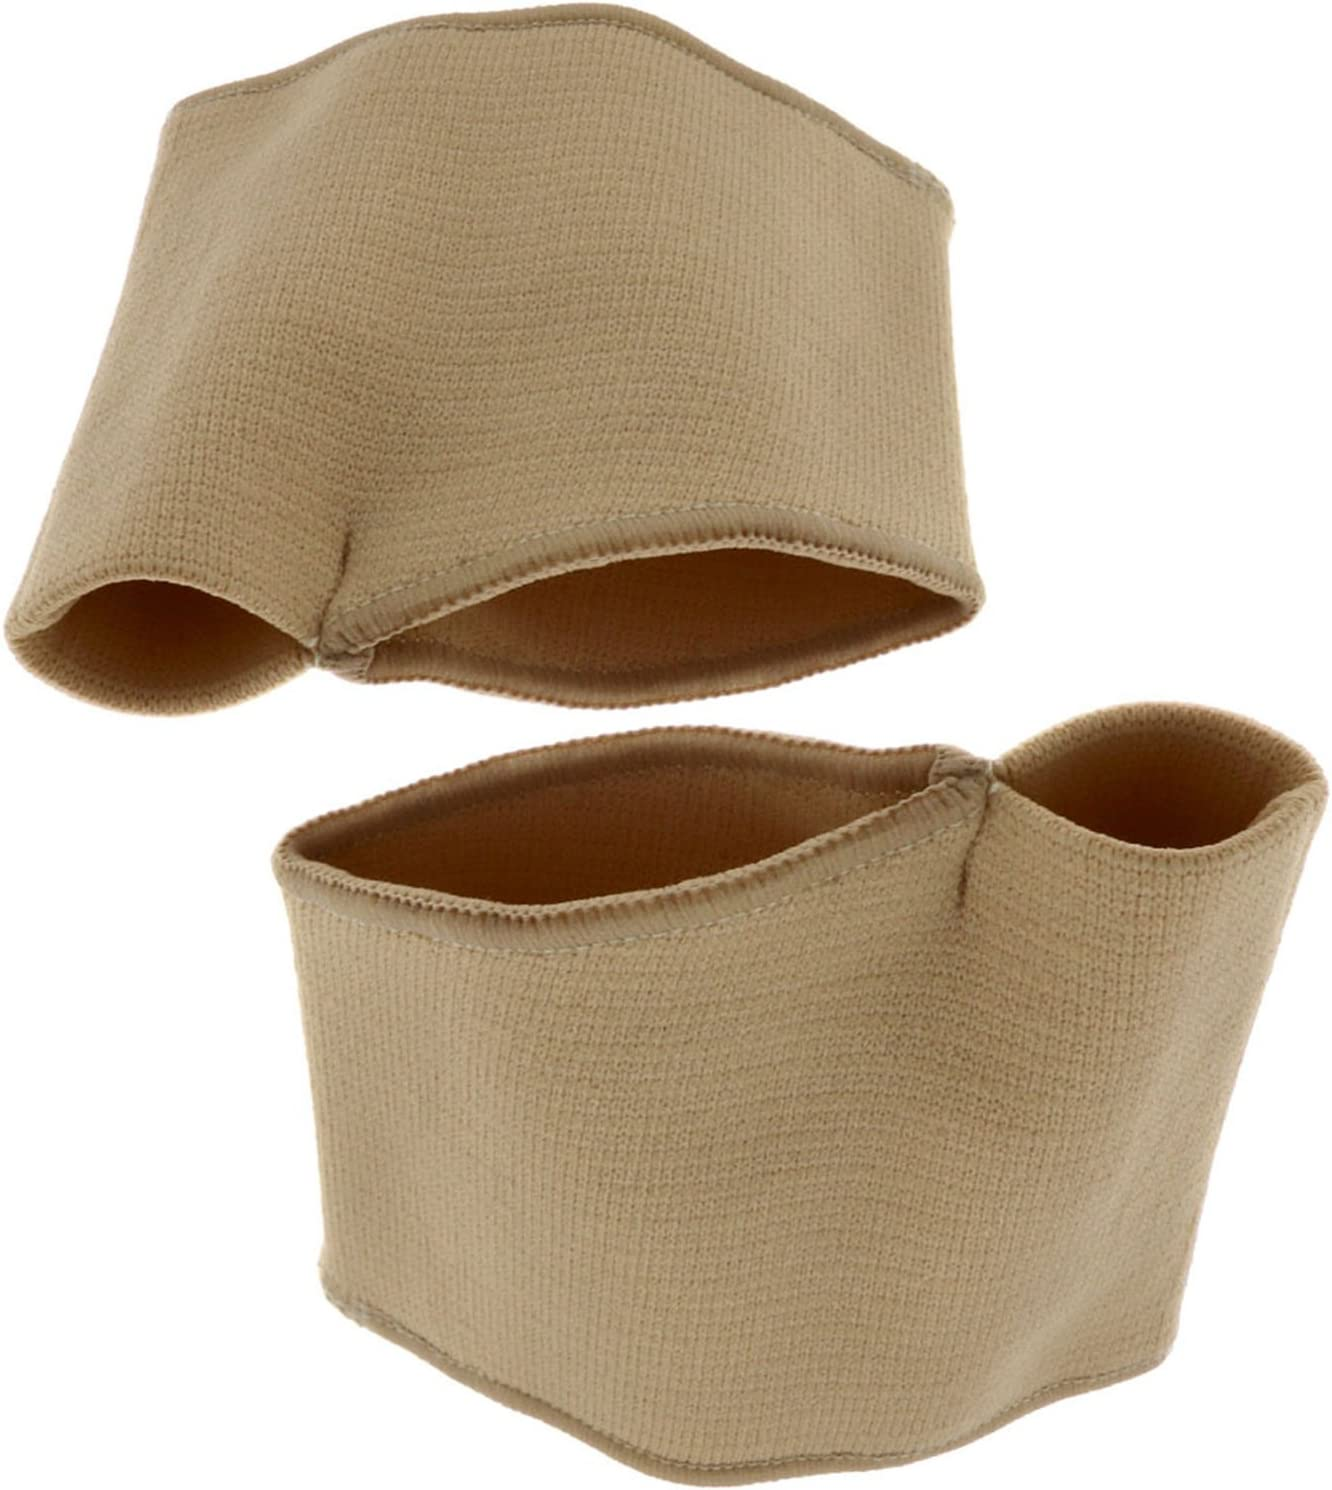 Fußgelenk Bandage Knöchelbandage Stütze 8cm Metatarsal Bandage Fußbandage